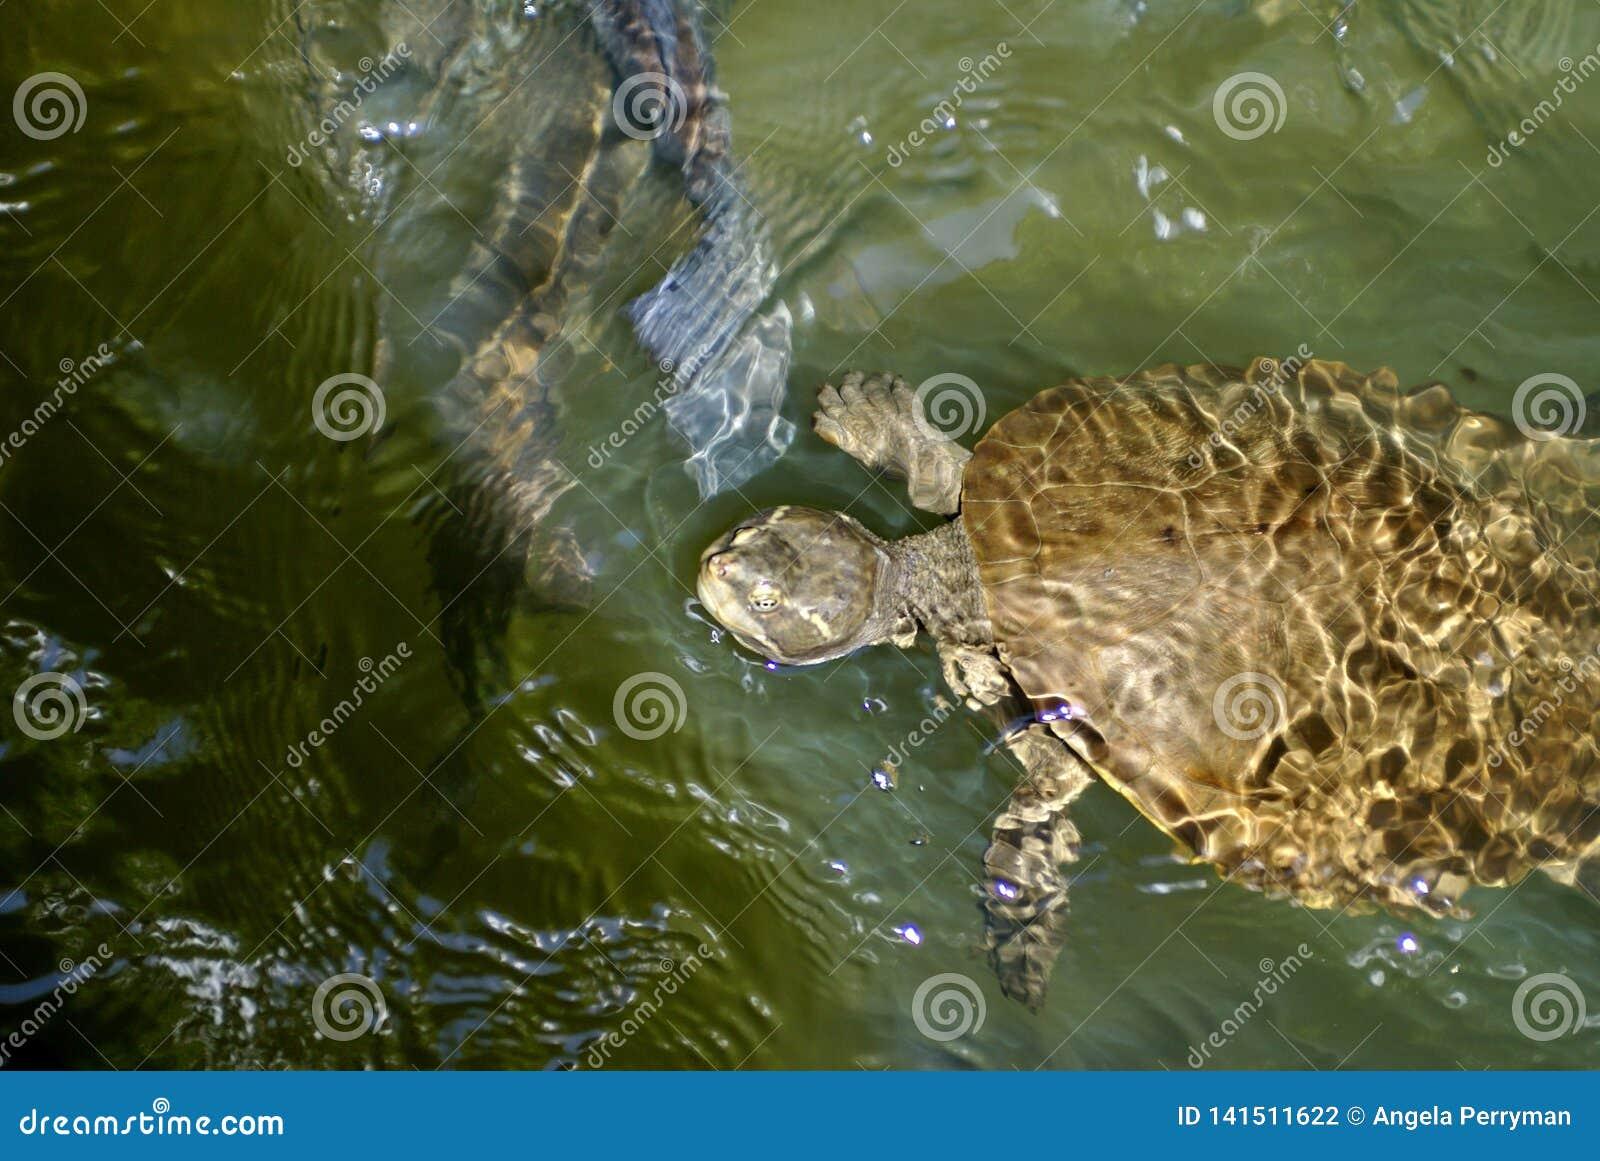 Sköldpadda i Barron River